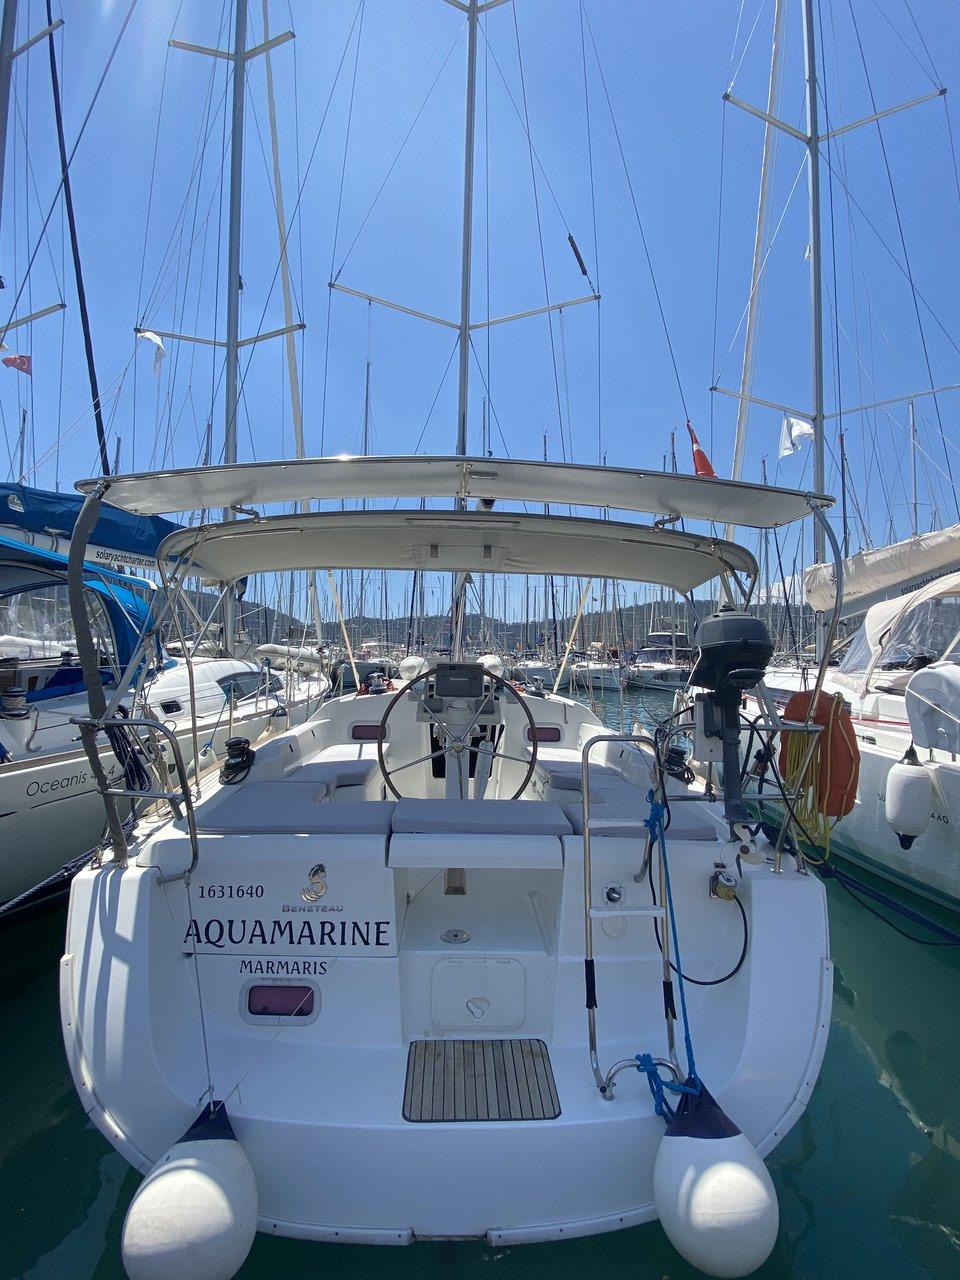 Oceanis 34 - Aquamarine